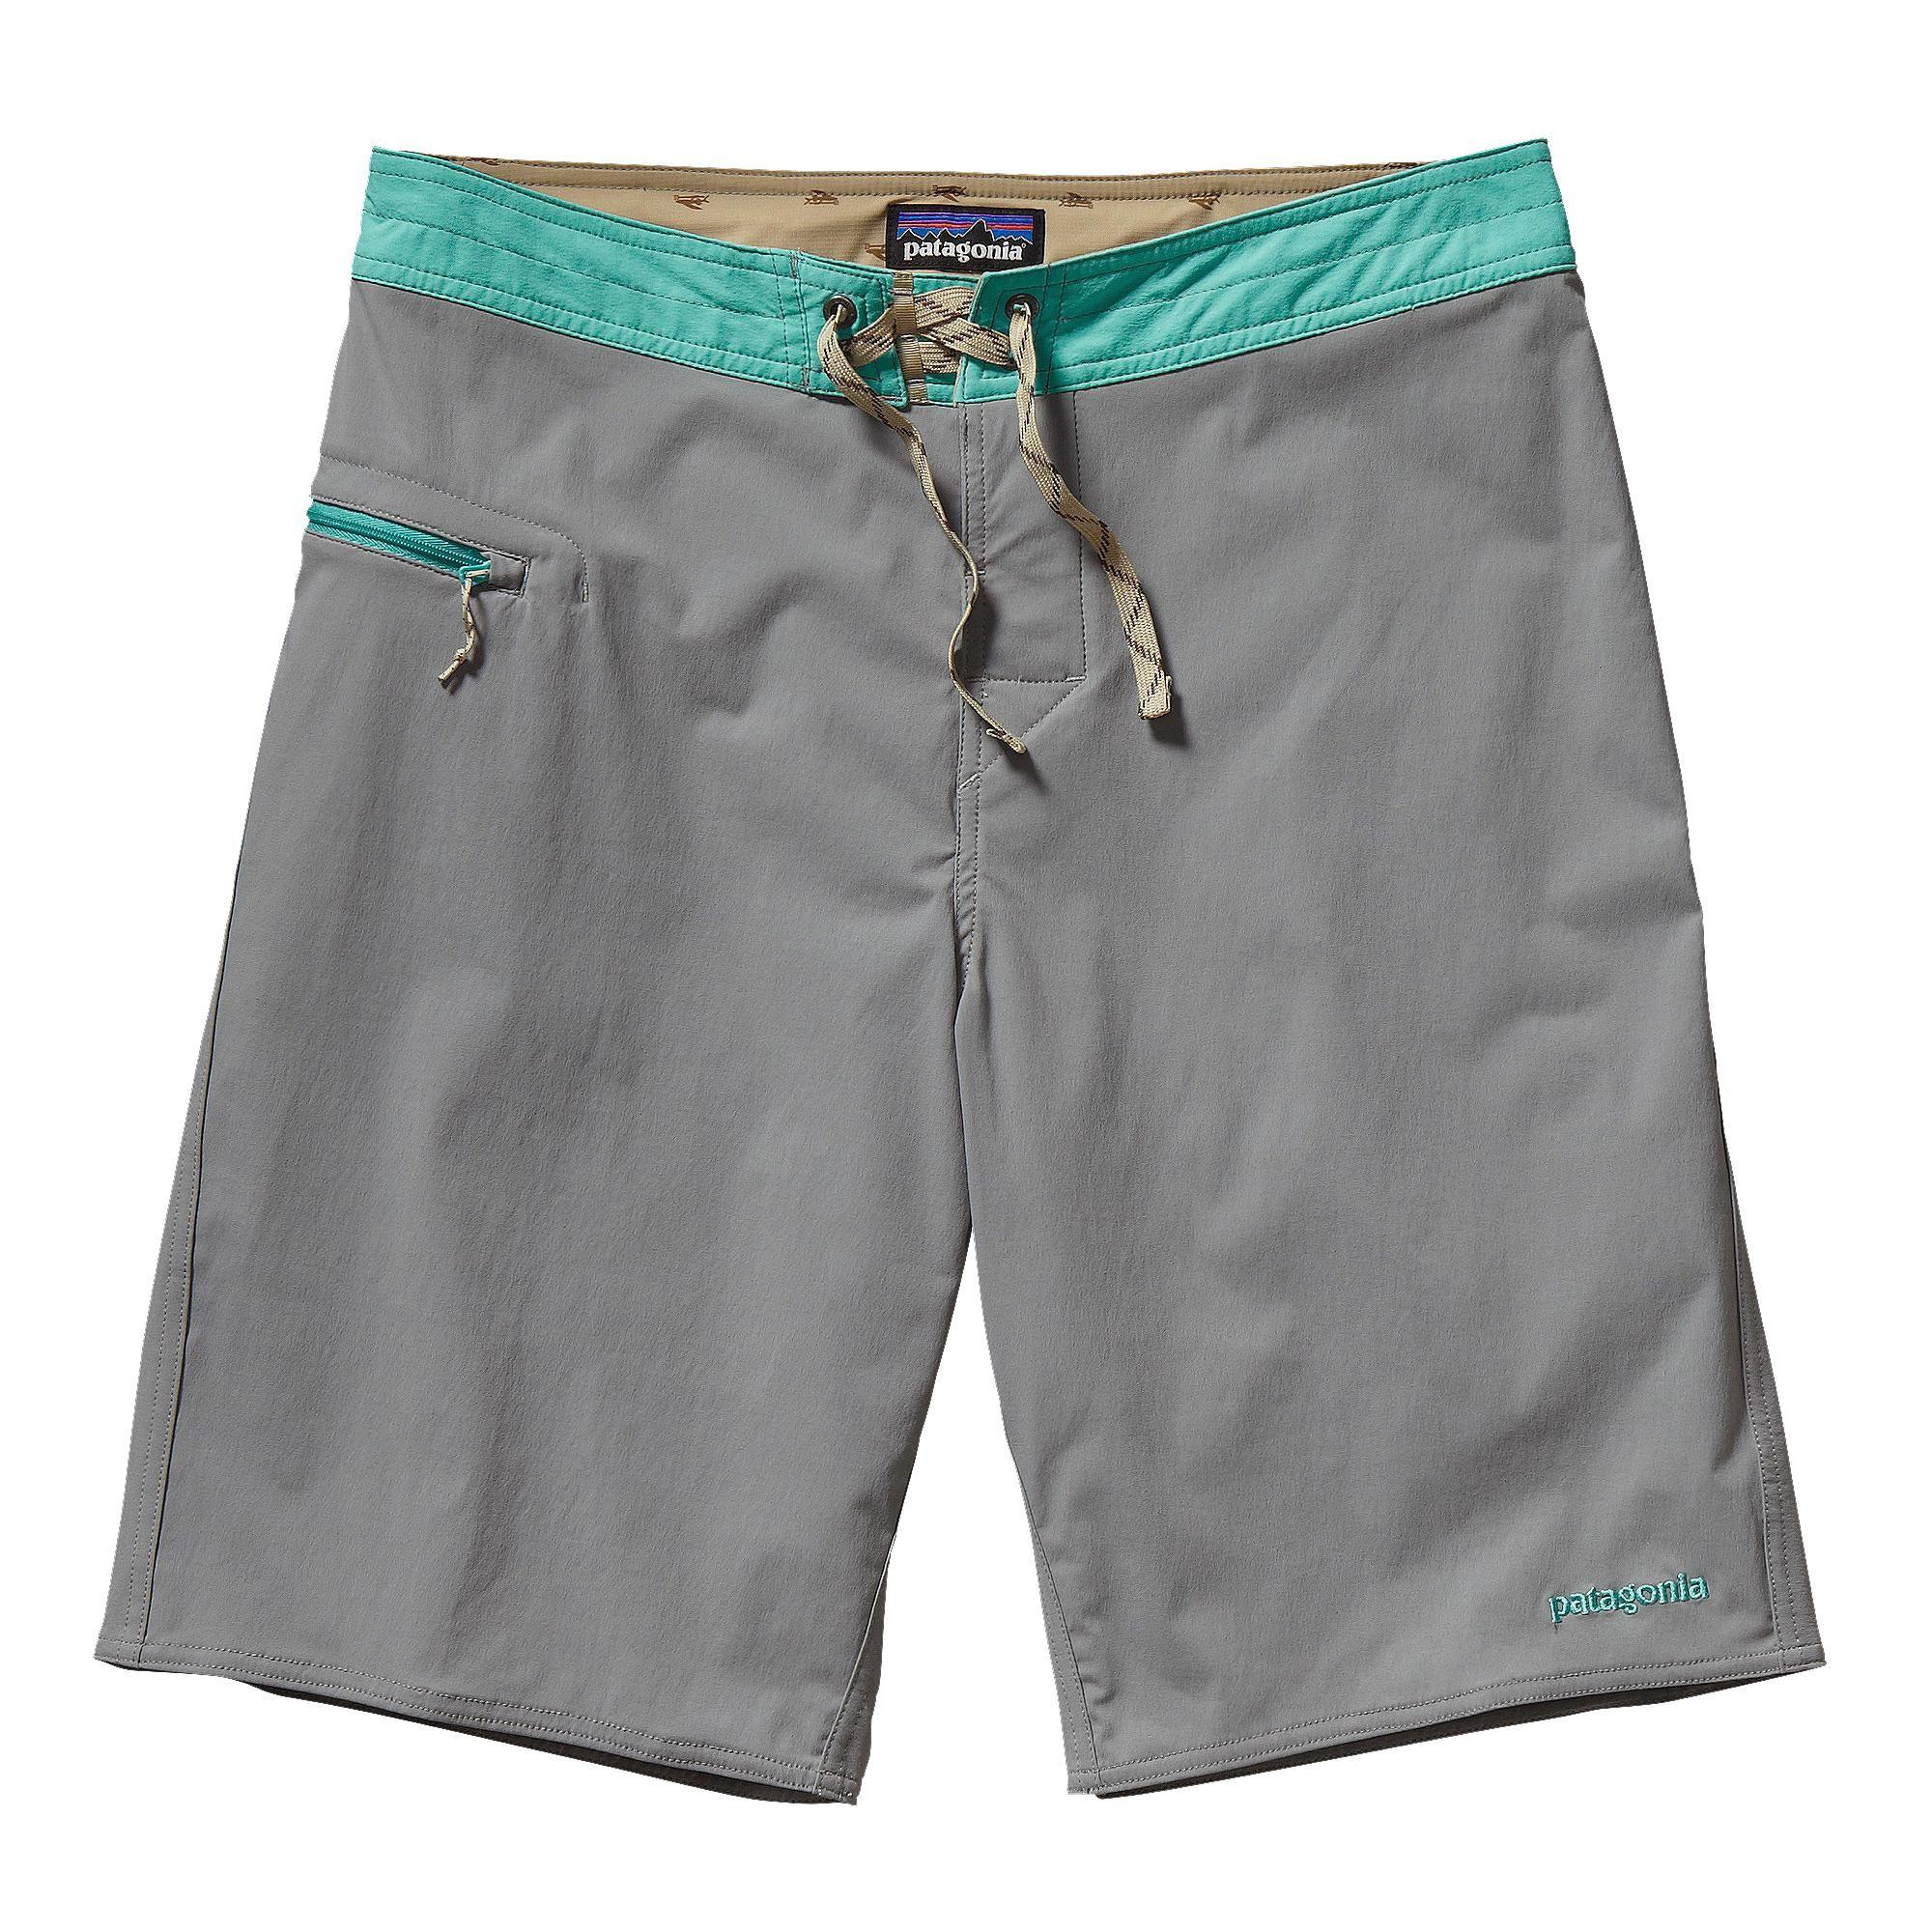 21 mens boardshorts board shorts swim shorts